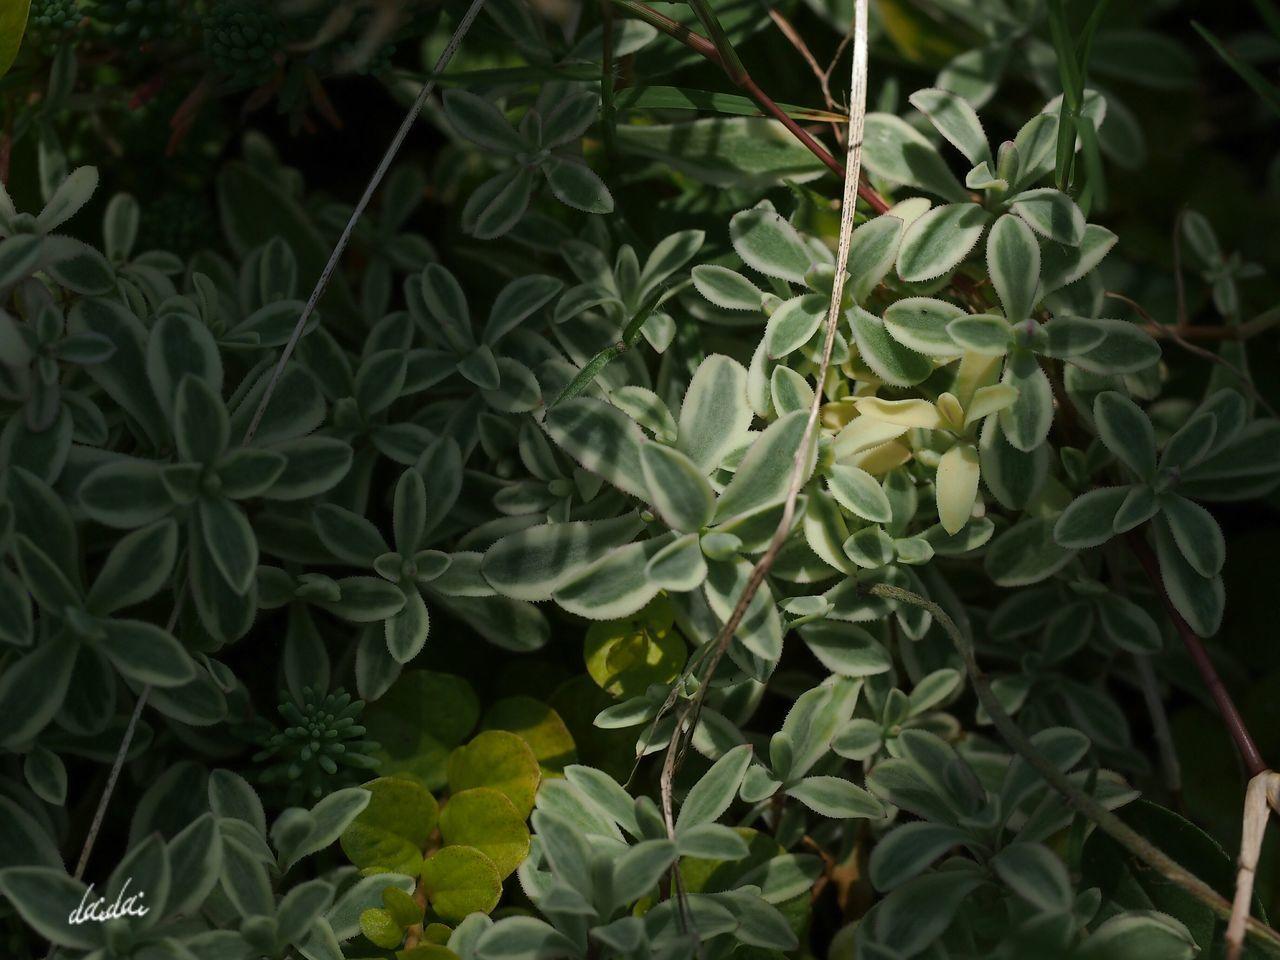 陽も陰も E-PL3 Leaf Sunlight And Shade Noedit